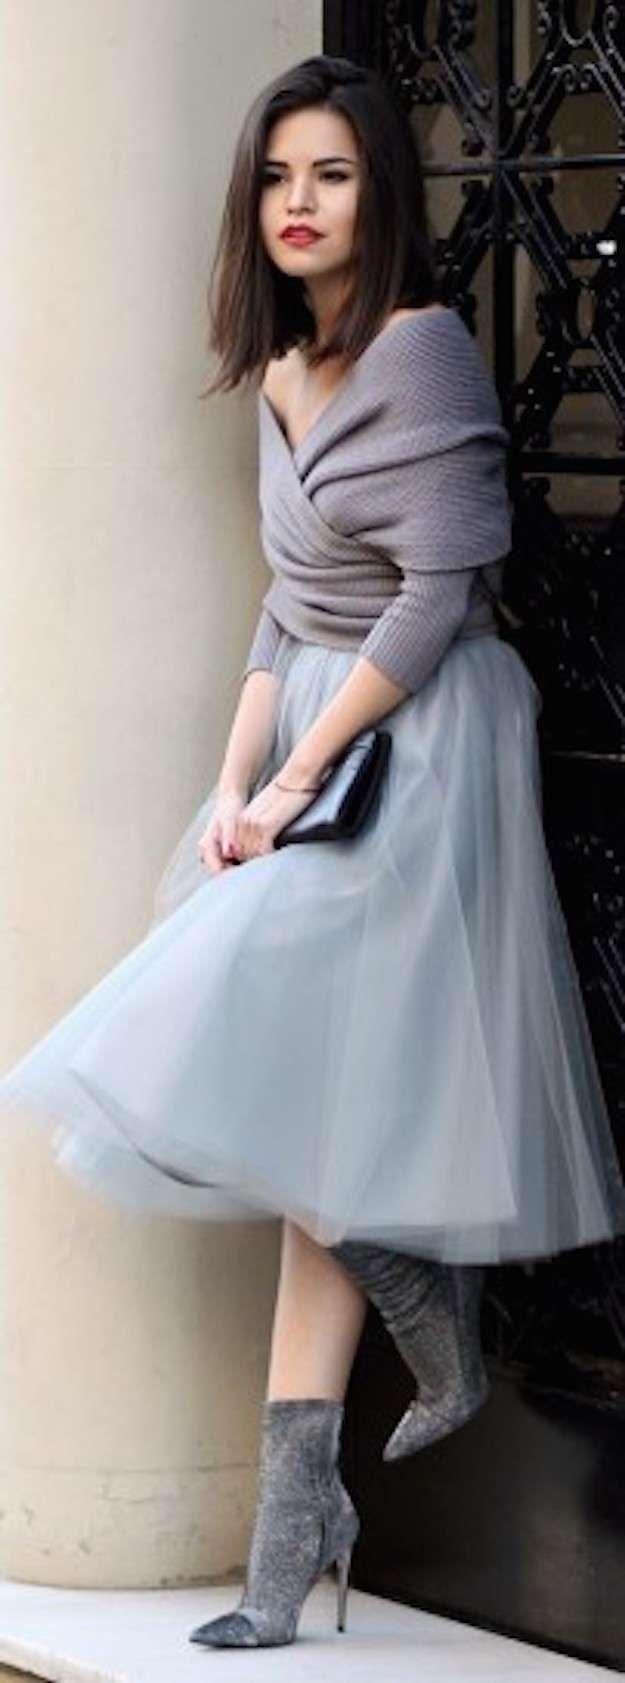 El regreso de la falda de tul: fotos de los modelos - Falda tul azul celeste